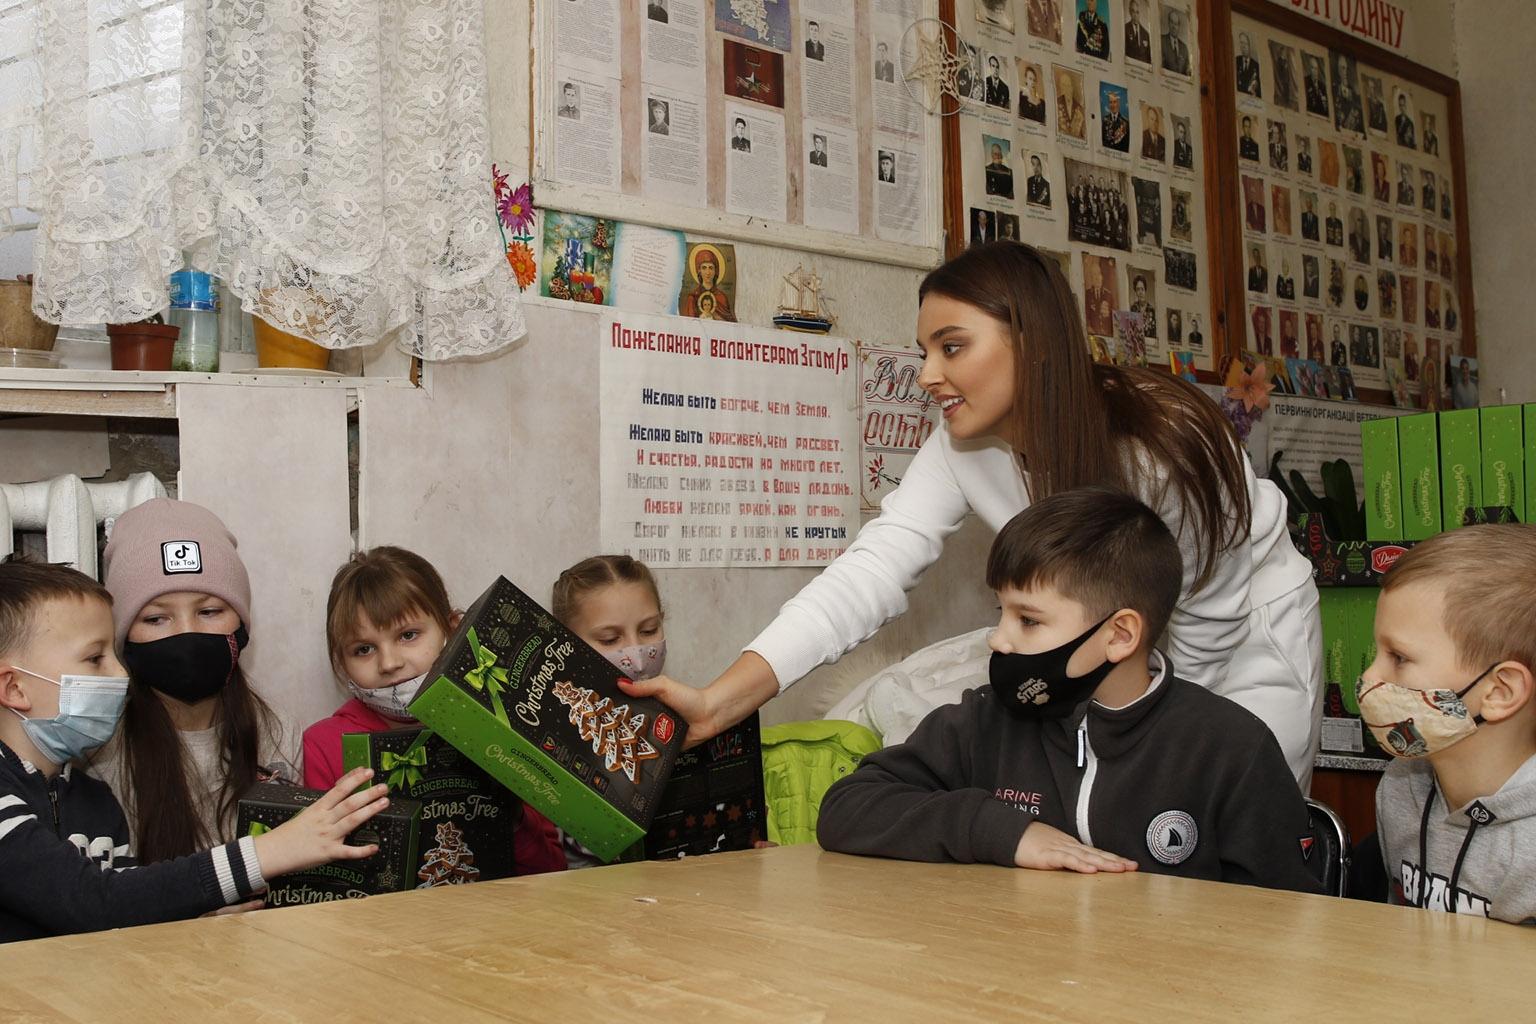 Счастливые улыбки и вдохновленные дети: как прошла встреча Вероники Дидусенко с детьми из неполных и многодетных семей (ФОТО) - фото №2